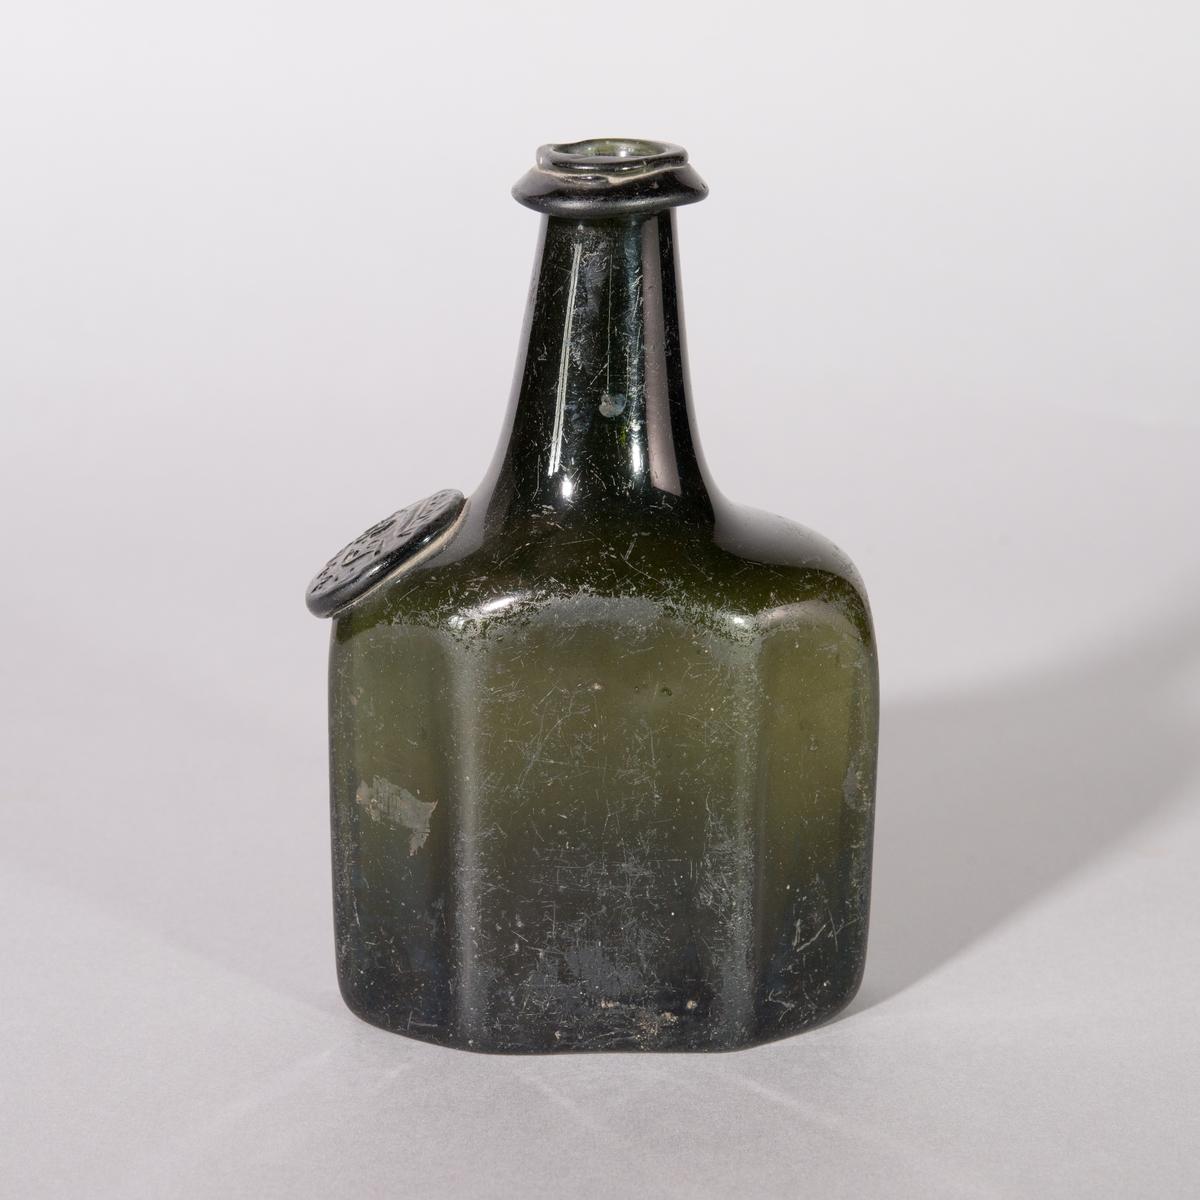 Flaska av grönt glas. 8-kantig kropp, axlar och rund hals. Sigill.